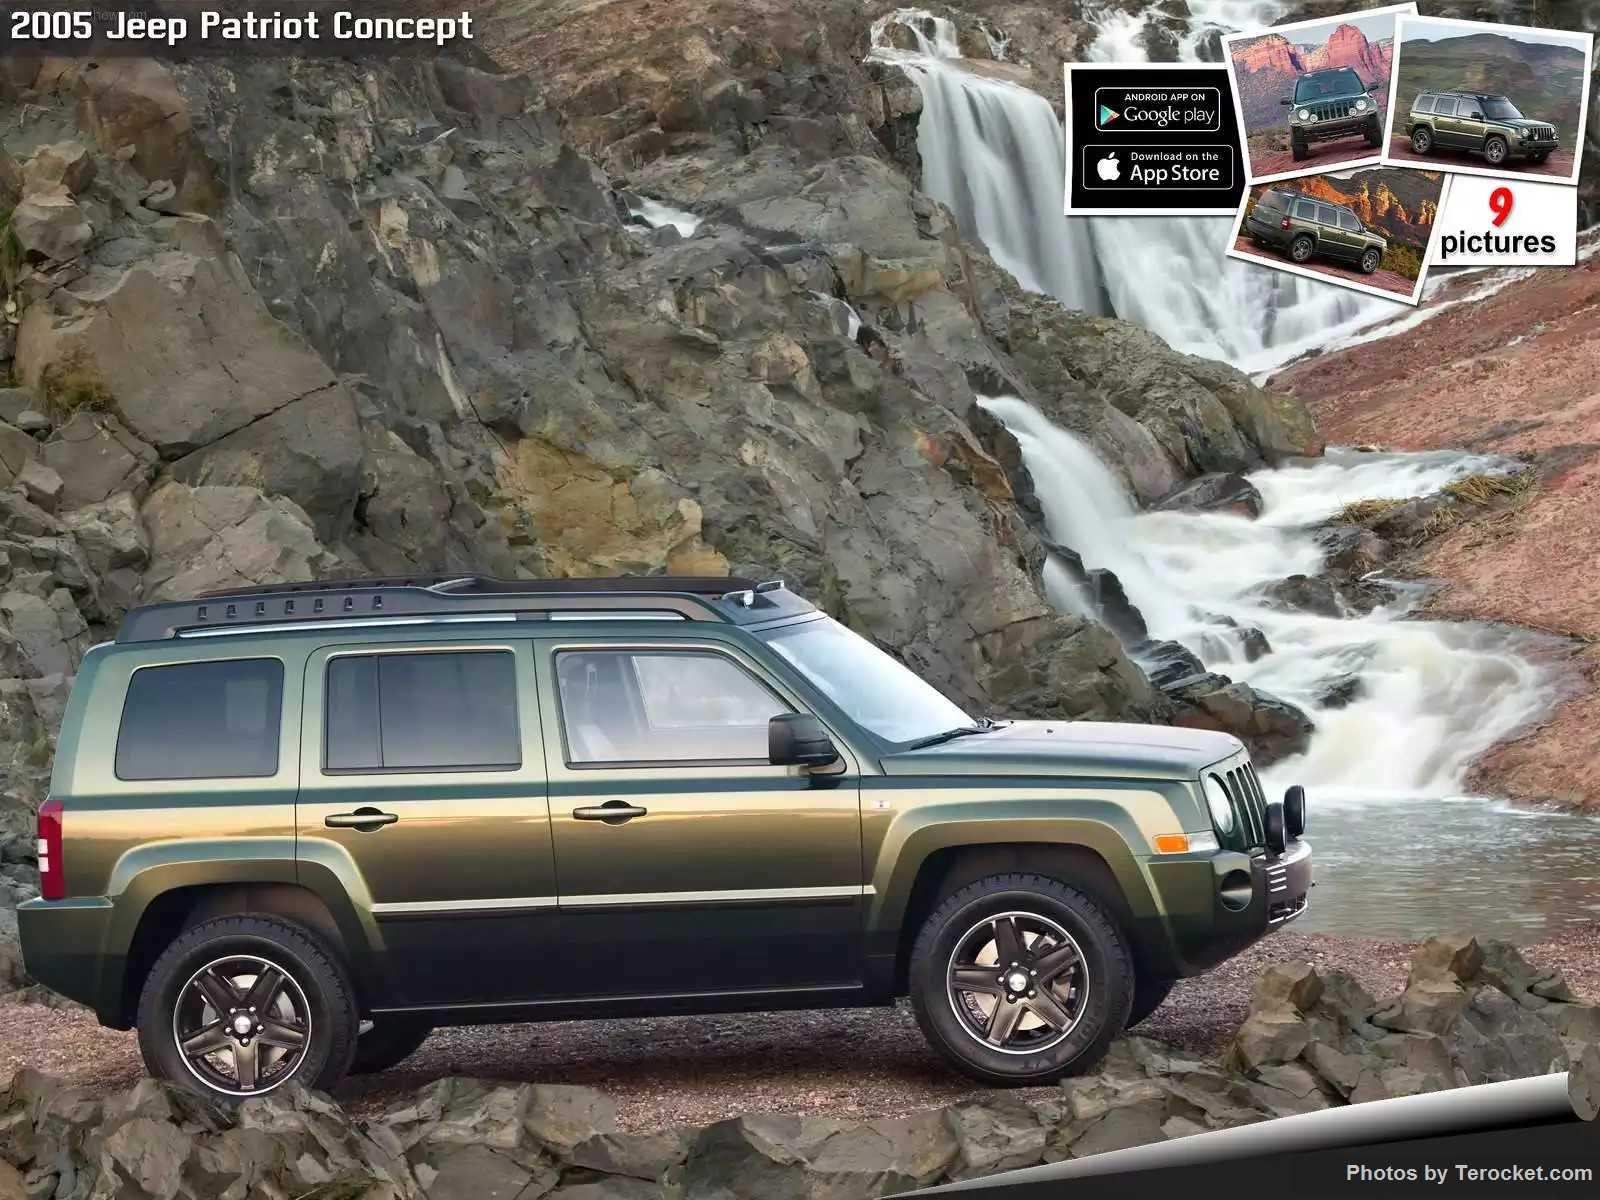 Hình ảnh xe ô tô Jeep Patriot Concept 2005 & nội ngoại thất